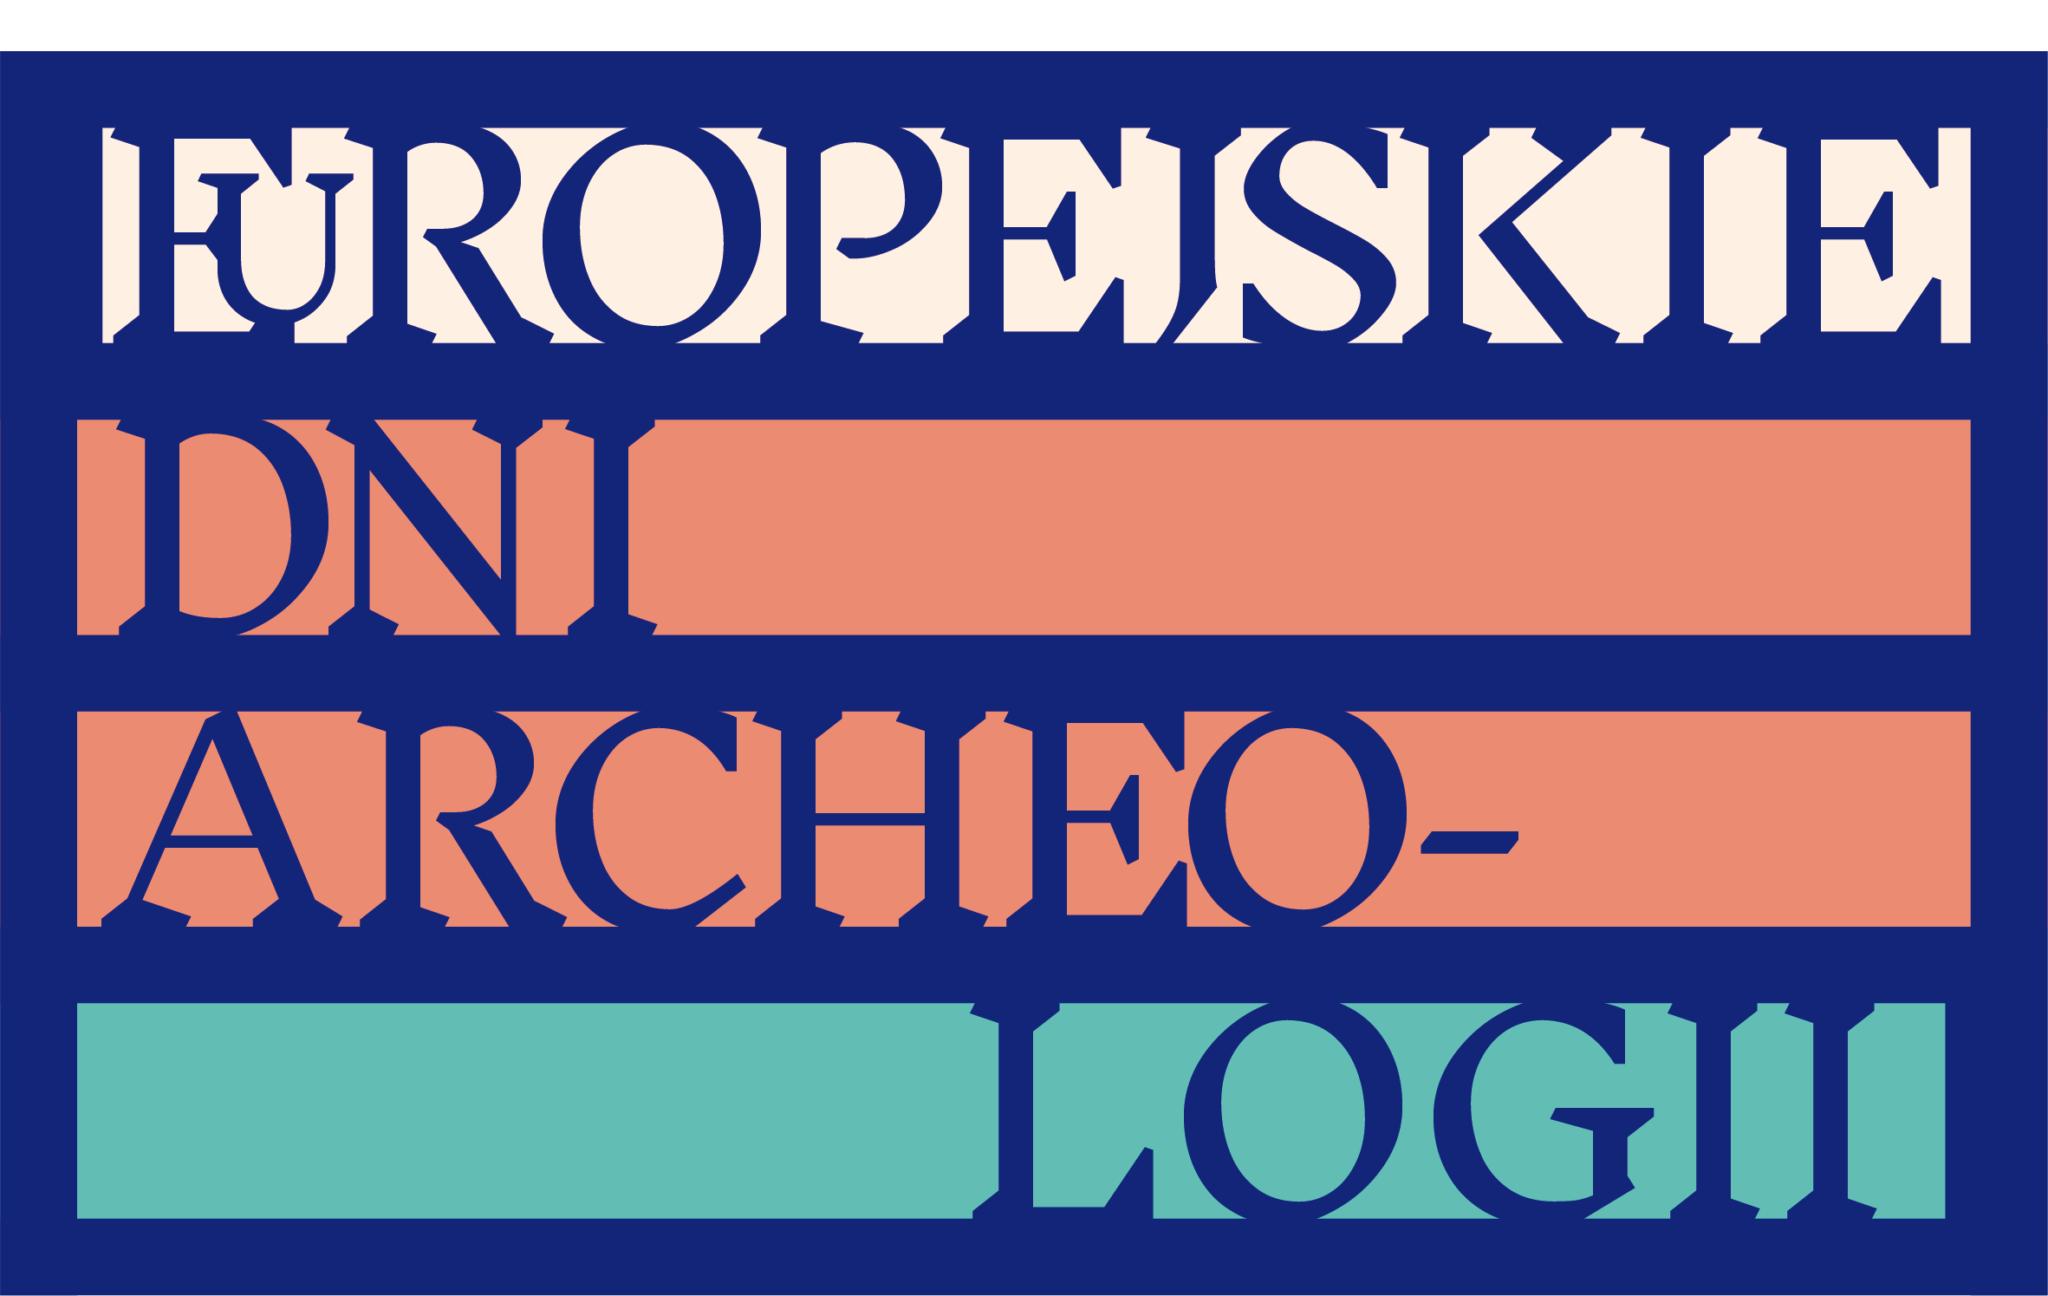 Europejskie Dni Archeologii - logo